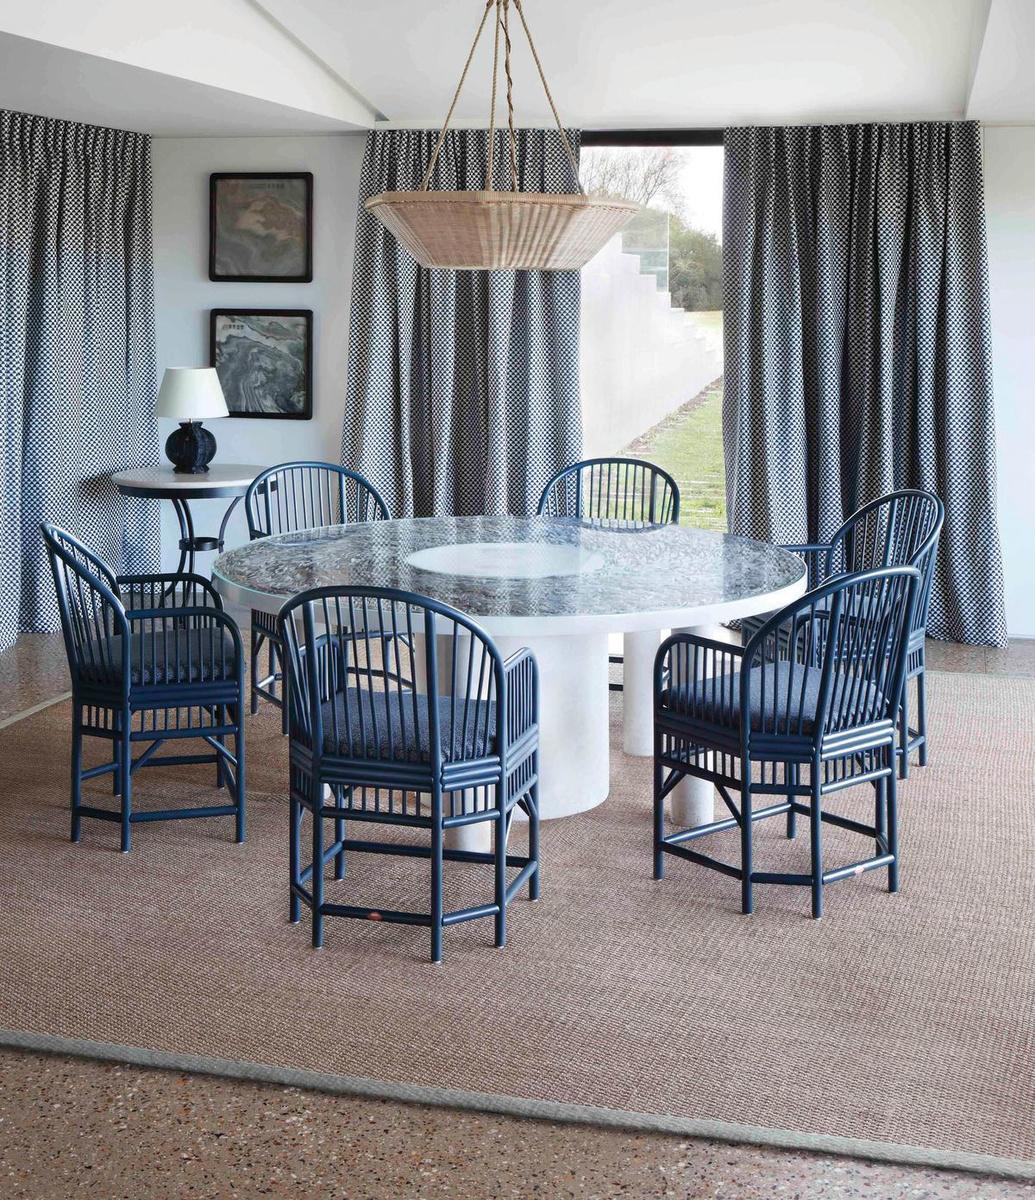 Ces chaises Pavilion bleu foncé de Soane s'inspirent des modèles que le roi George IV possédait dans sa seconde résidence à Brighton., N/A